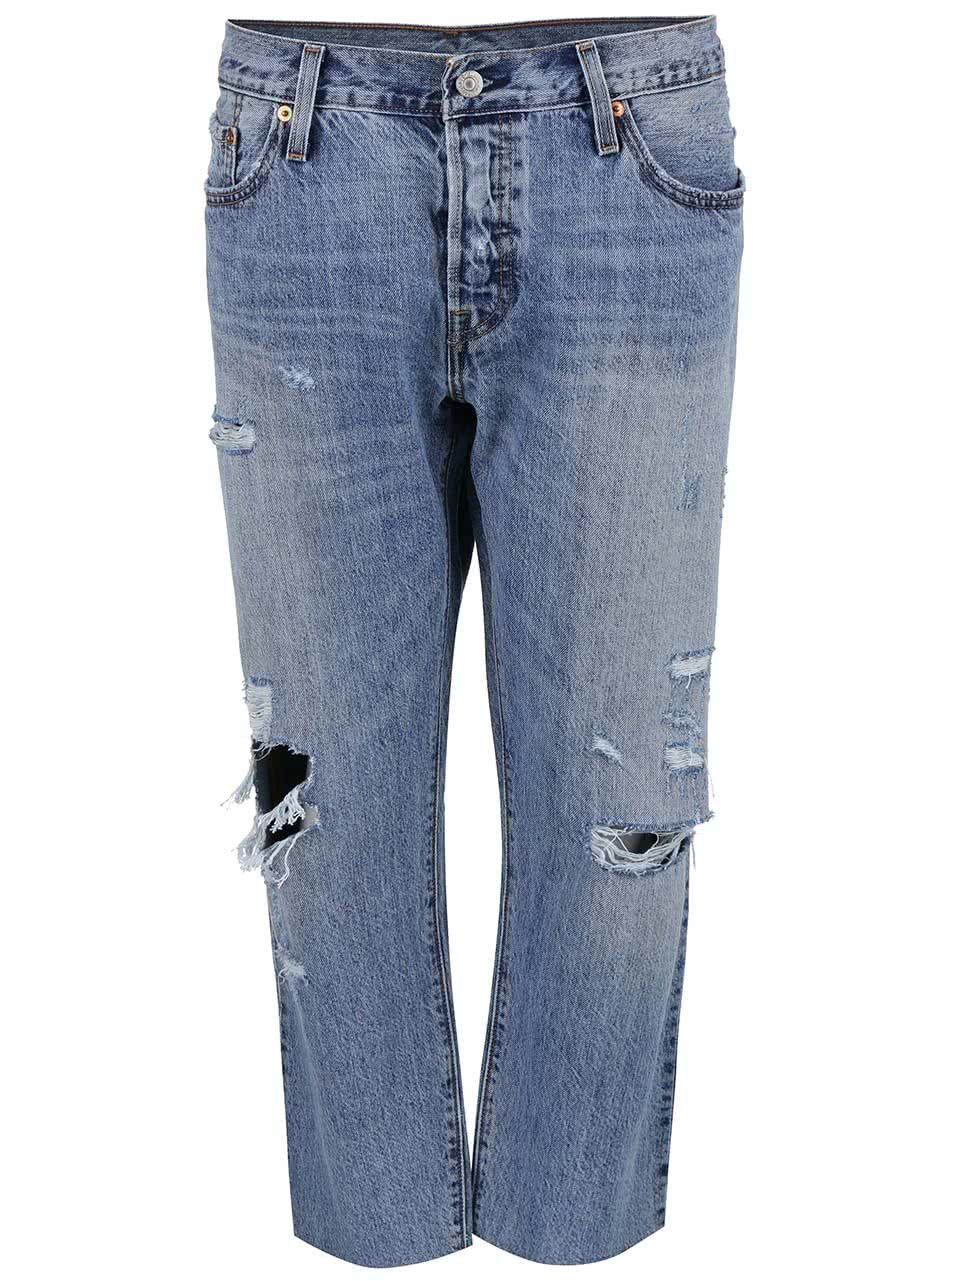 Modré dámské kratší džíny s roztrhaným efektem Levi's® 501 CT